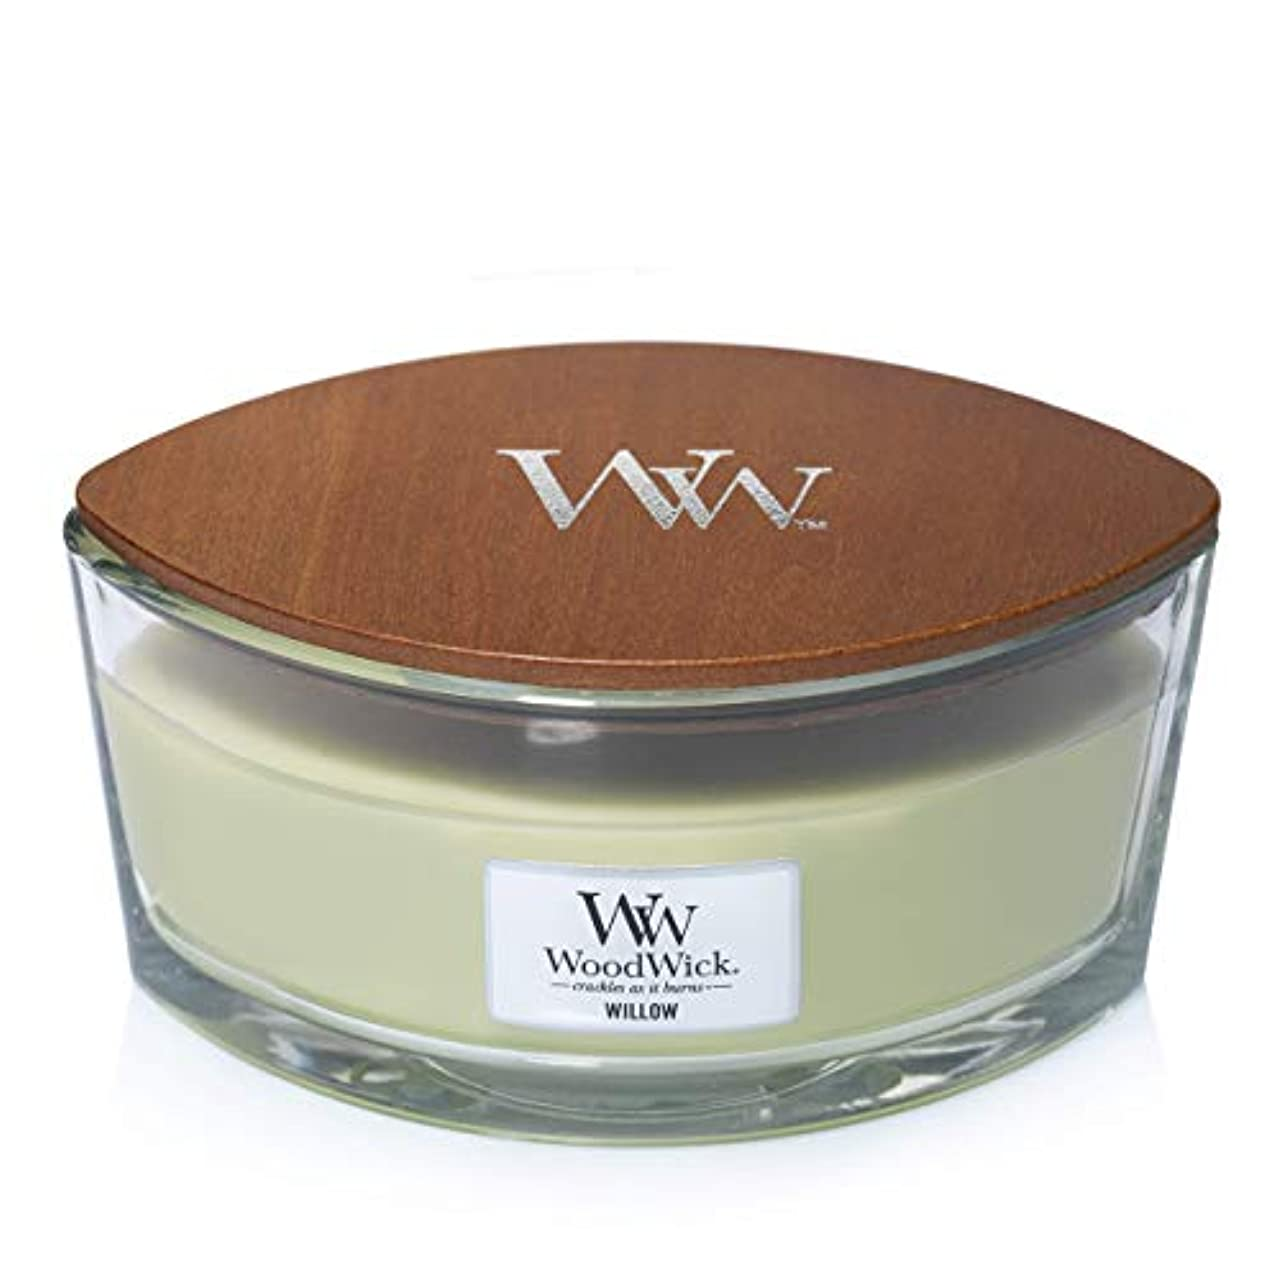 残忍な開発愚かWoodwick Willow